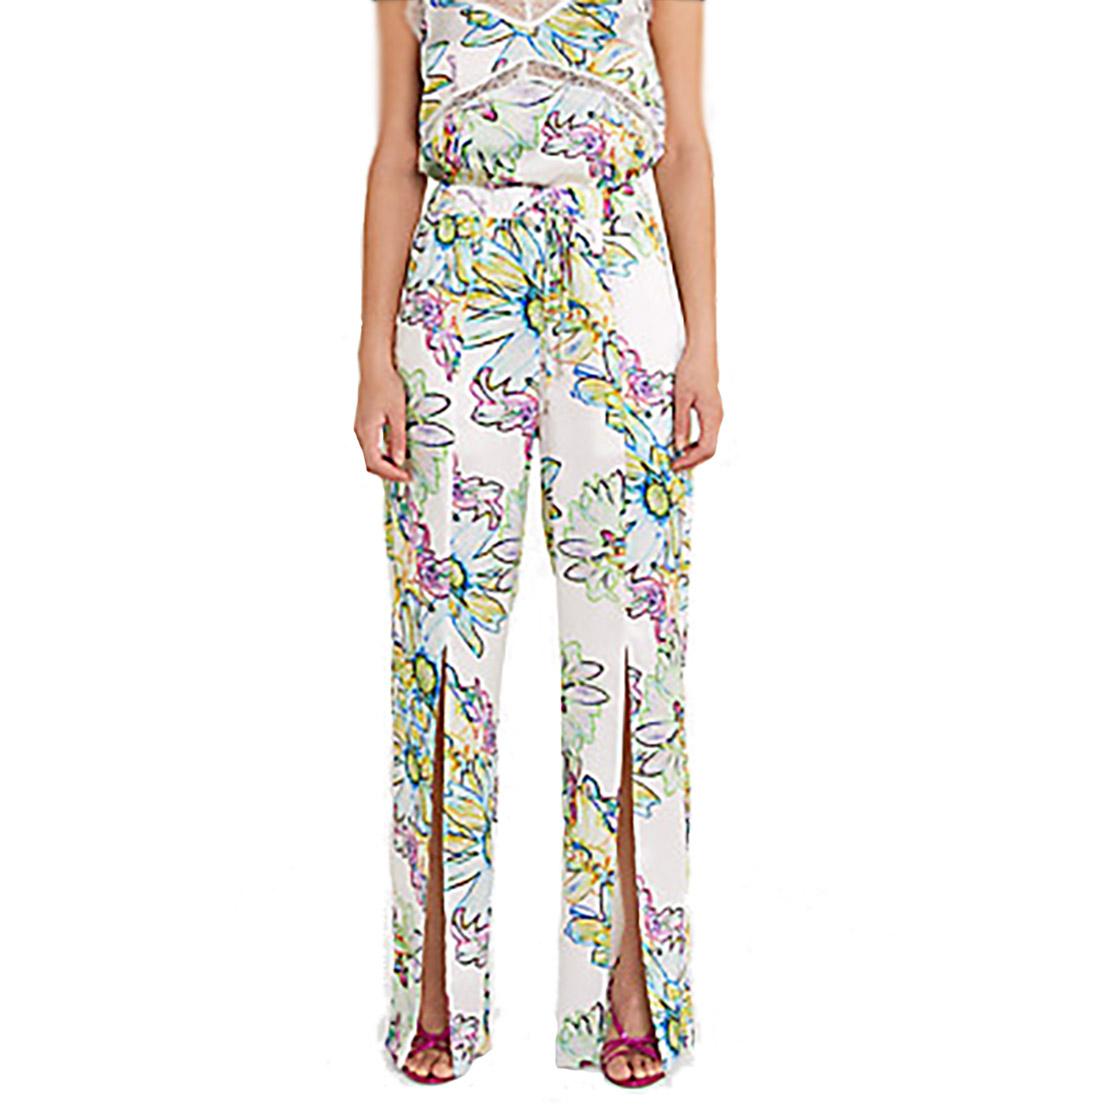 Pantaloni stampa flowers bianchi - PATRIZIA PEPE